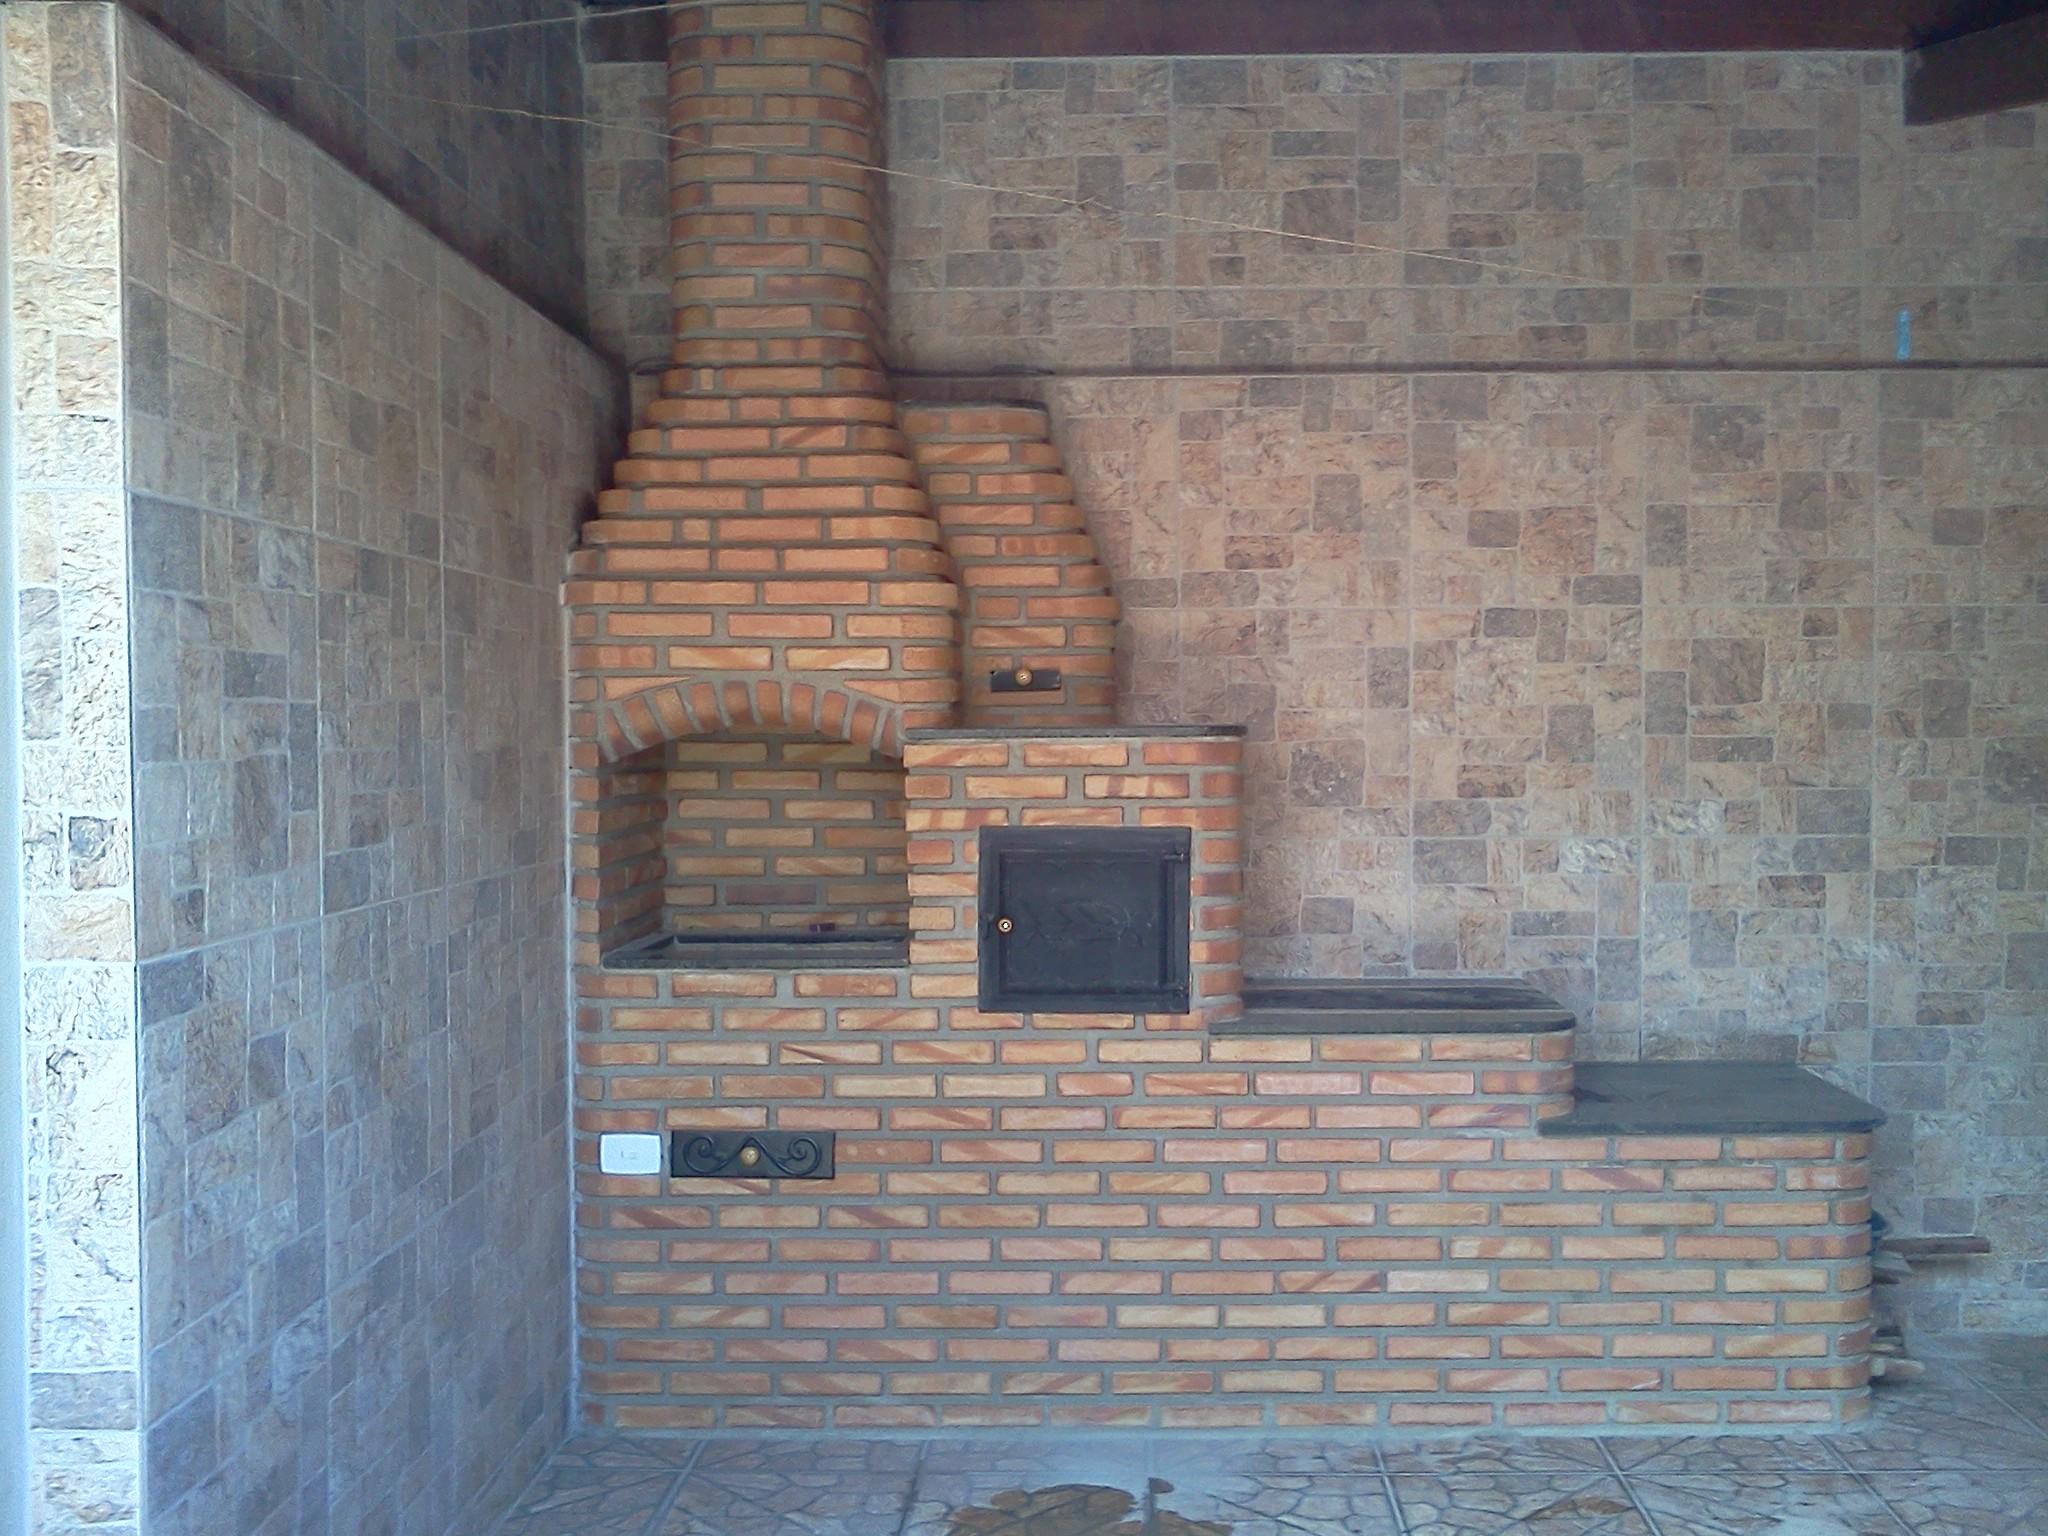 belo horizonte churrasqueira de tijolinho fogao a lenha forno Quotes #3D6D8E 2048 1536